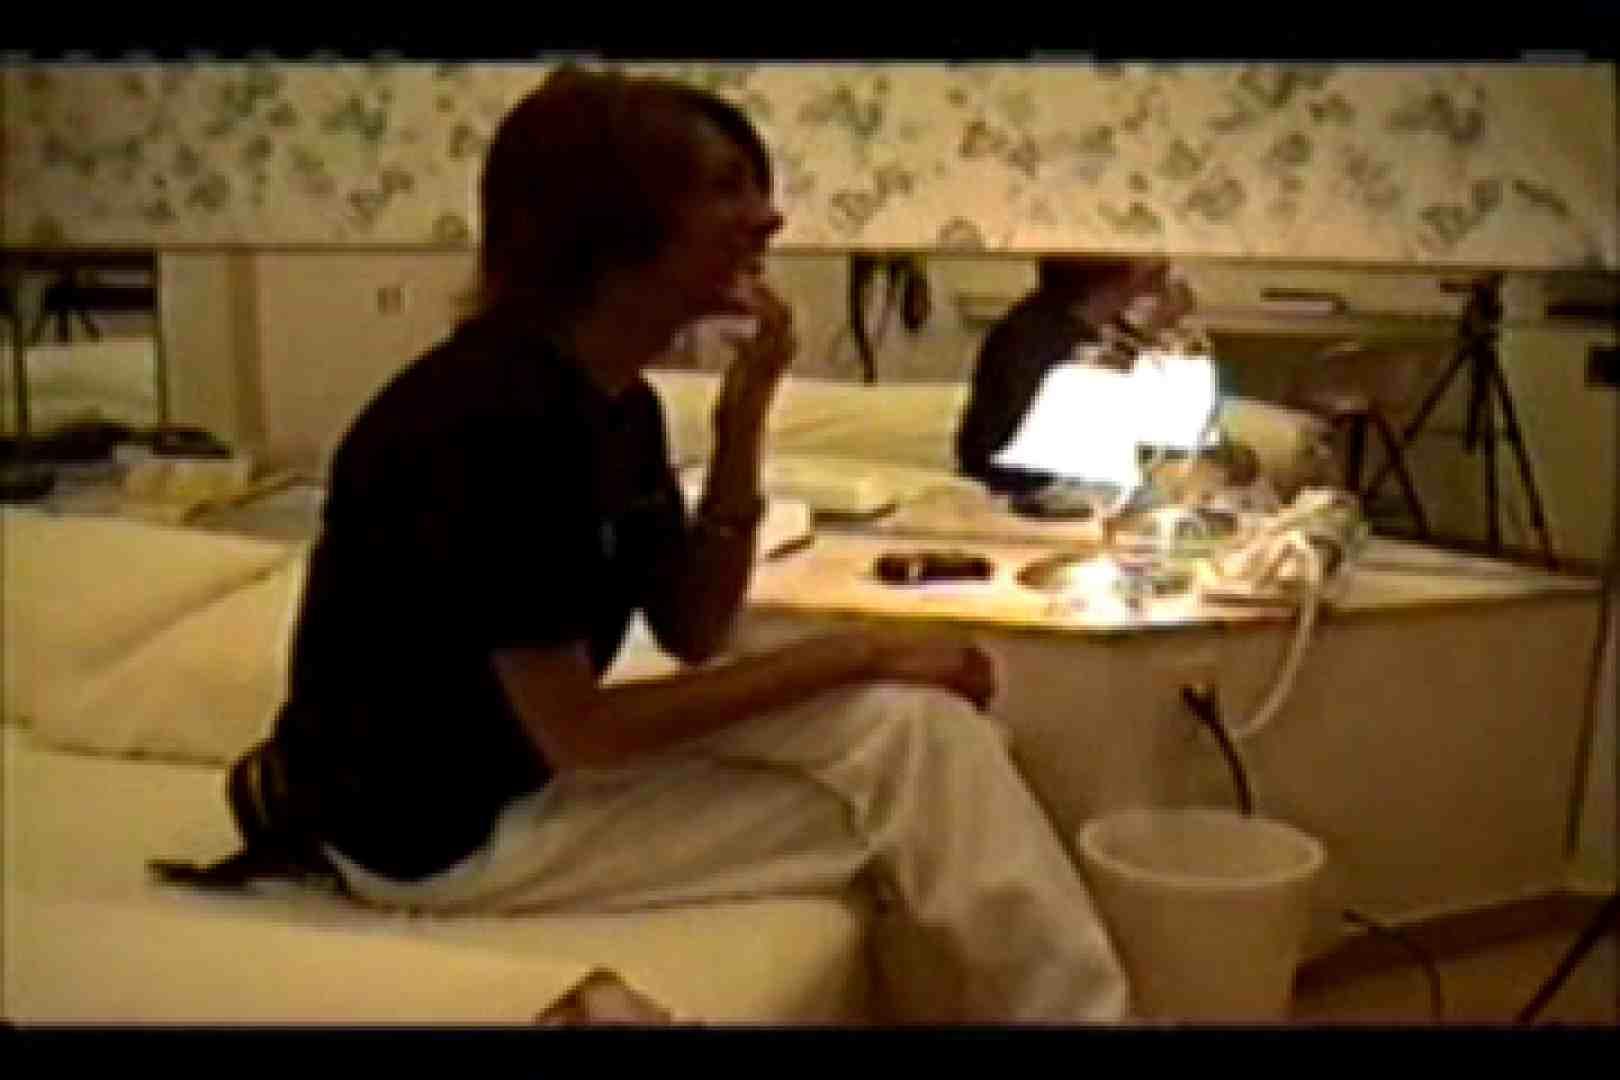 【流出】ジャニ系イケメン!!ぶっ飛びアナルファック!! ゲイのシックスナイン ゲイヌード画像 113pic